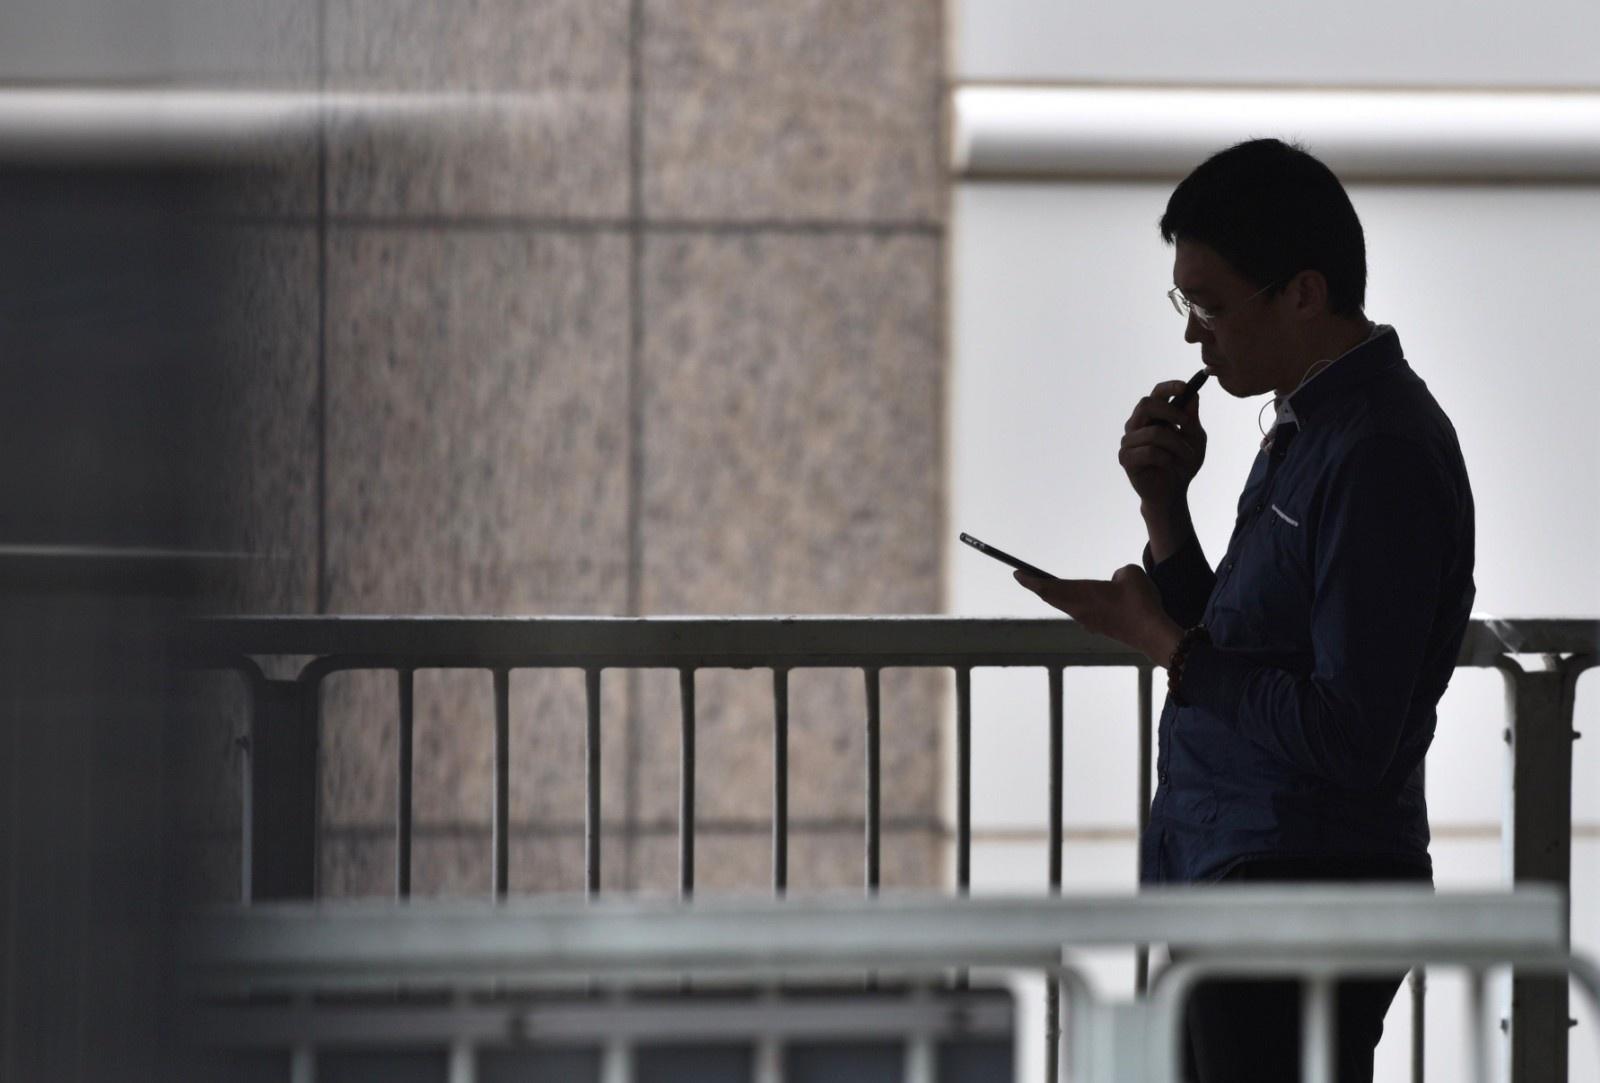 抽真烟才有害?美疾控中心建议避免使用一切电子烟产品